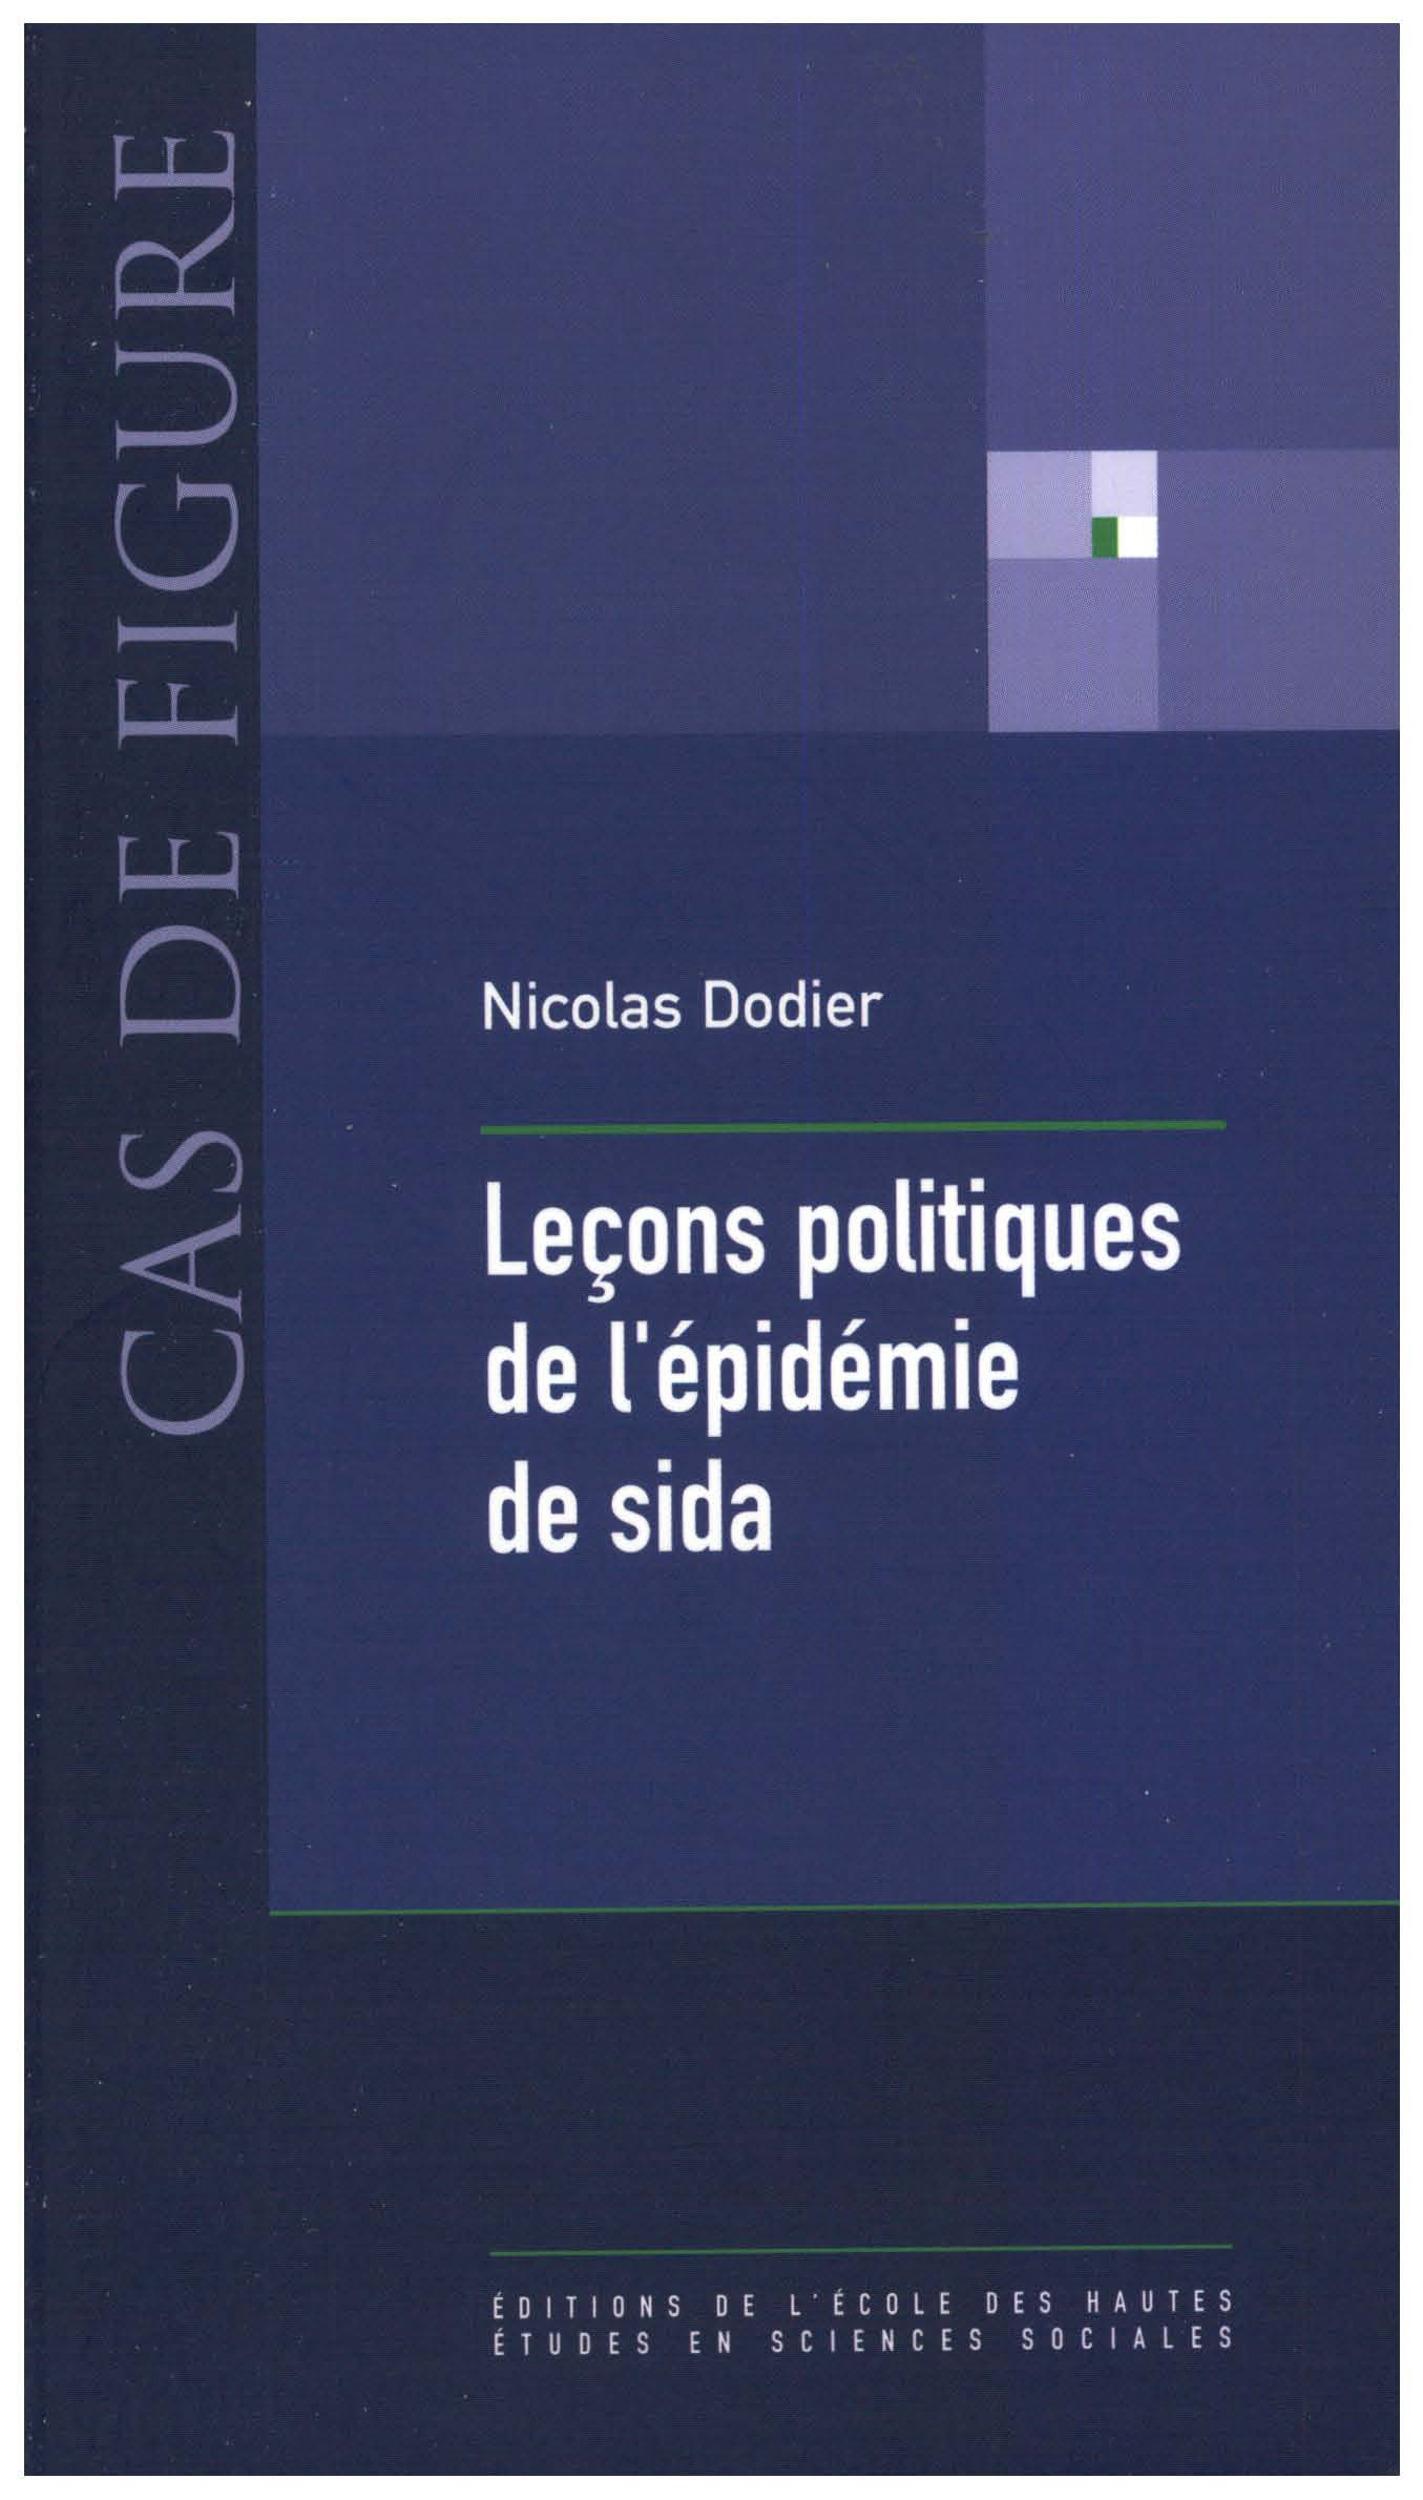 Nicolas Dodier Leçons politiques de l'épidémie de sida